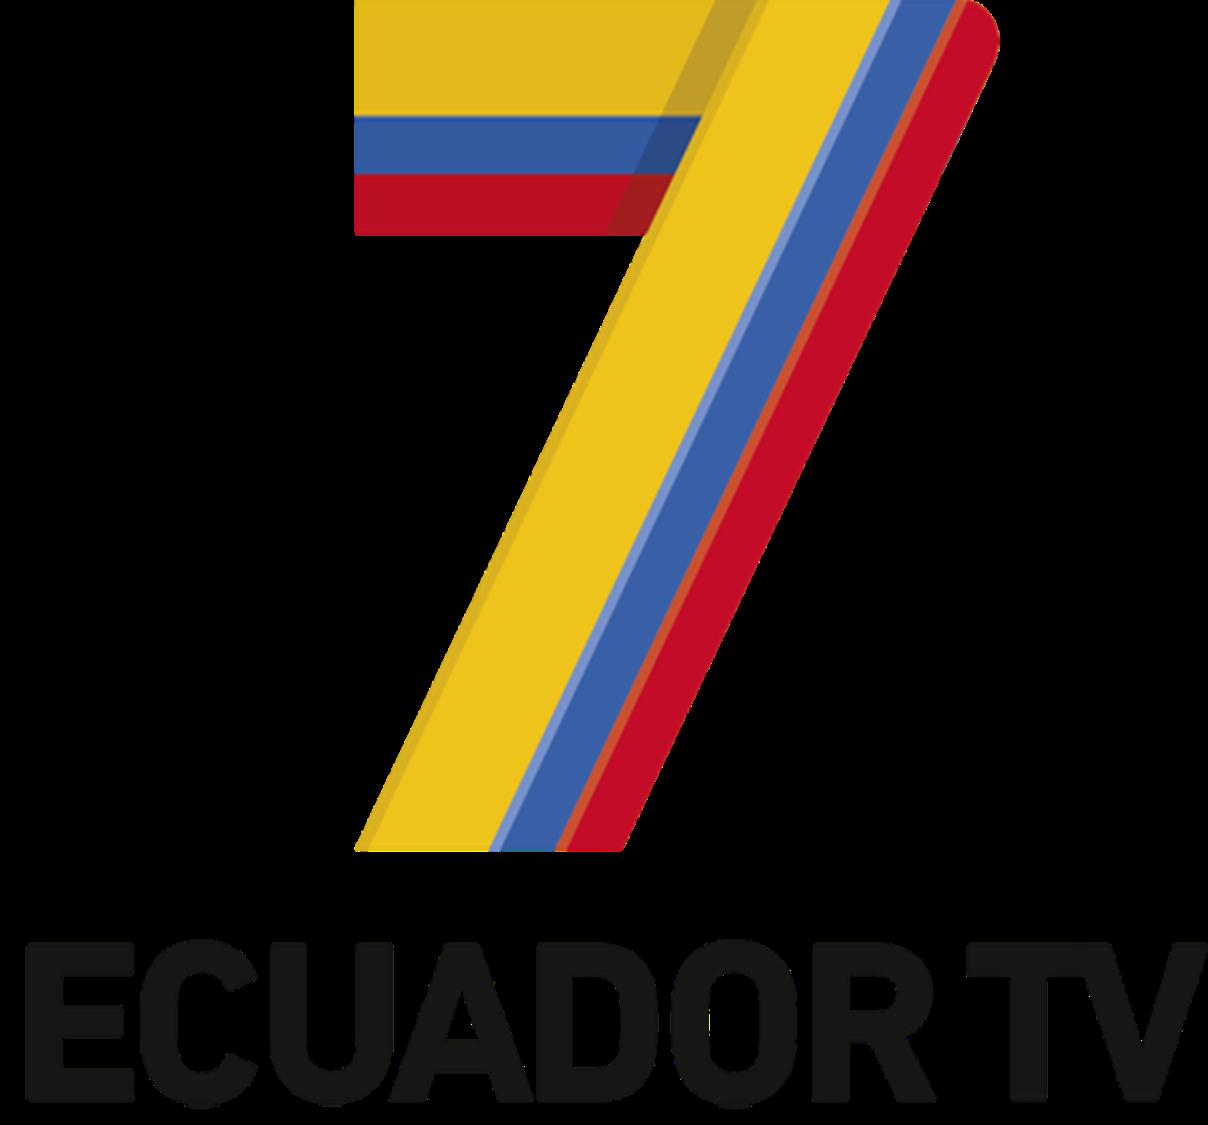 Magnificent Canales de tv del ecuador apologise, but